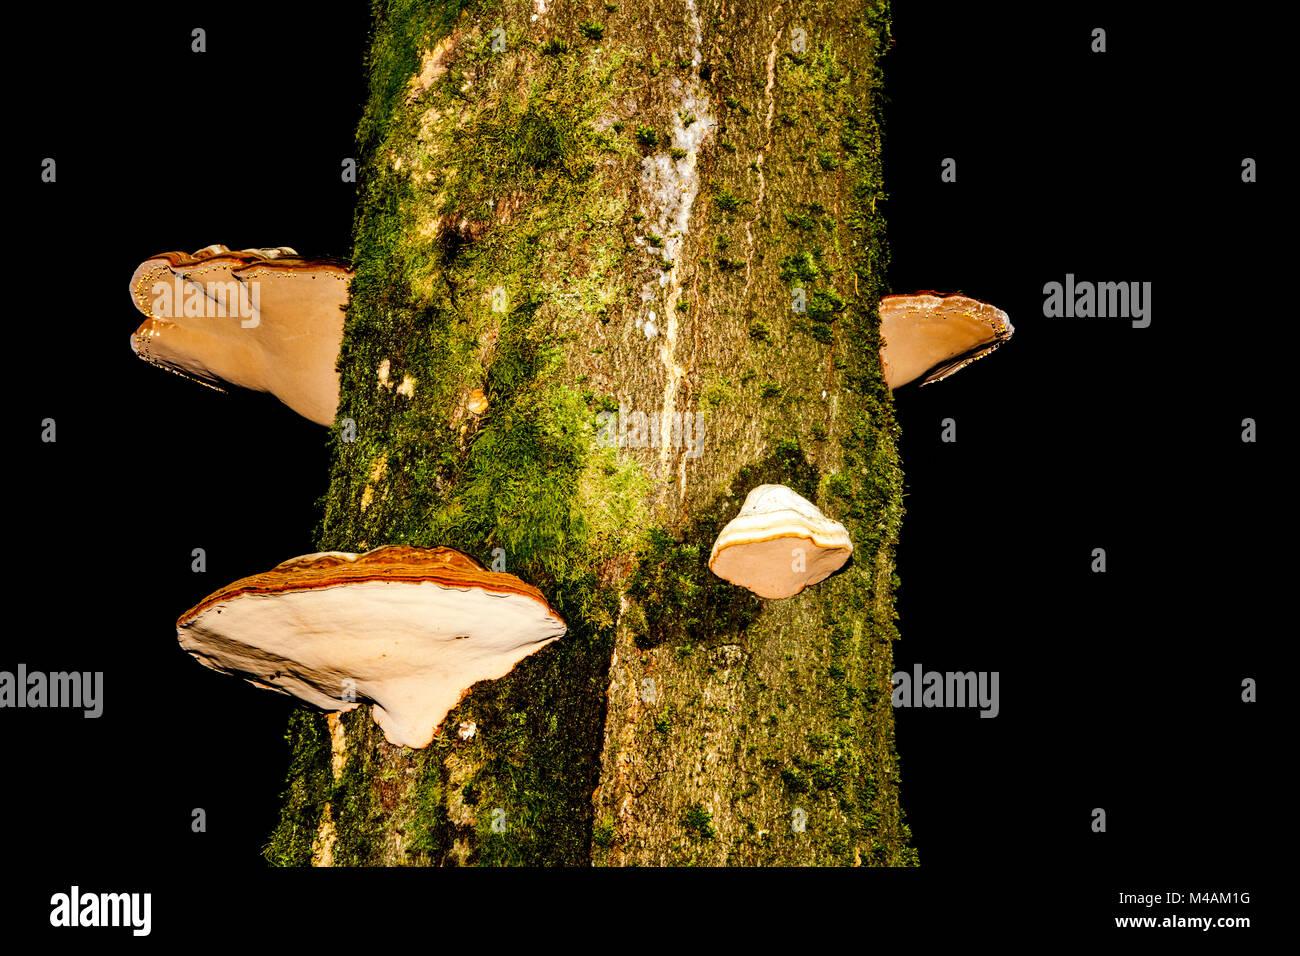 tinder fungus, Fomes fomentarius, - Stock Image